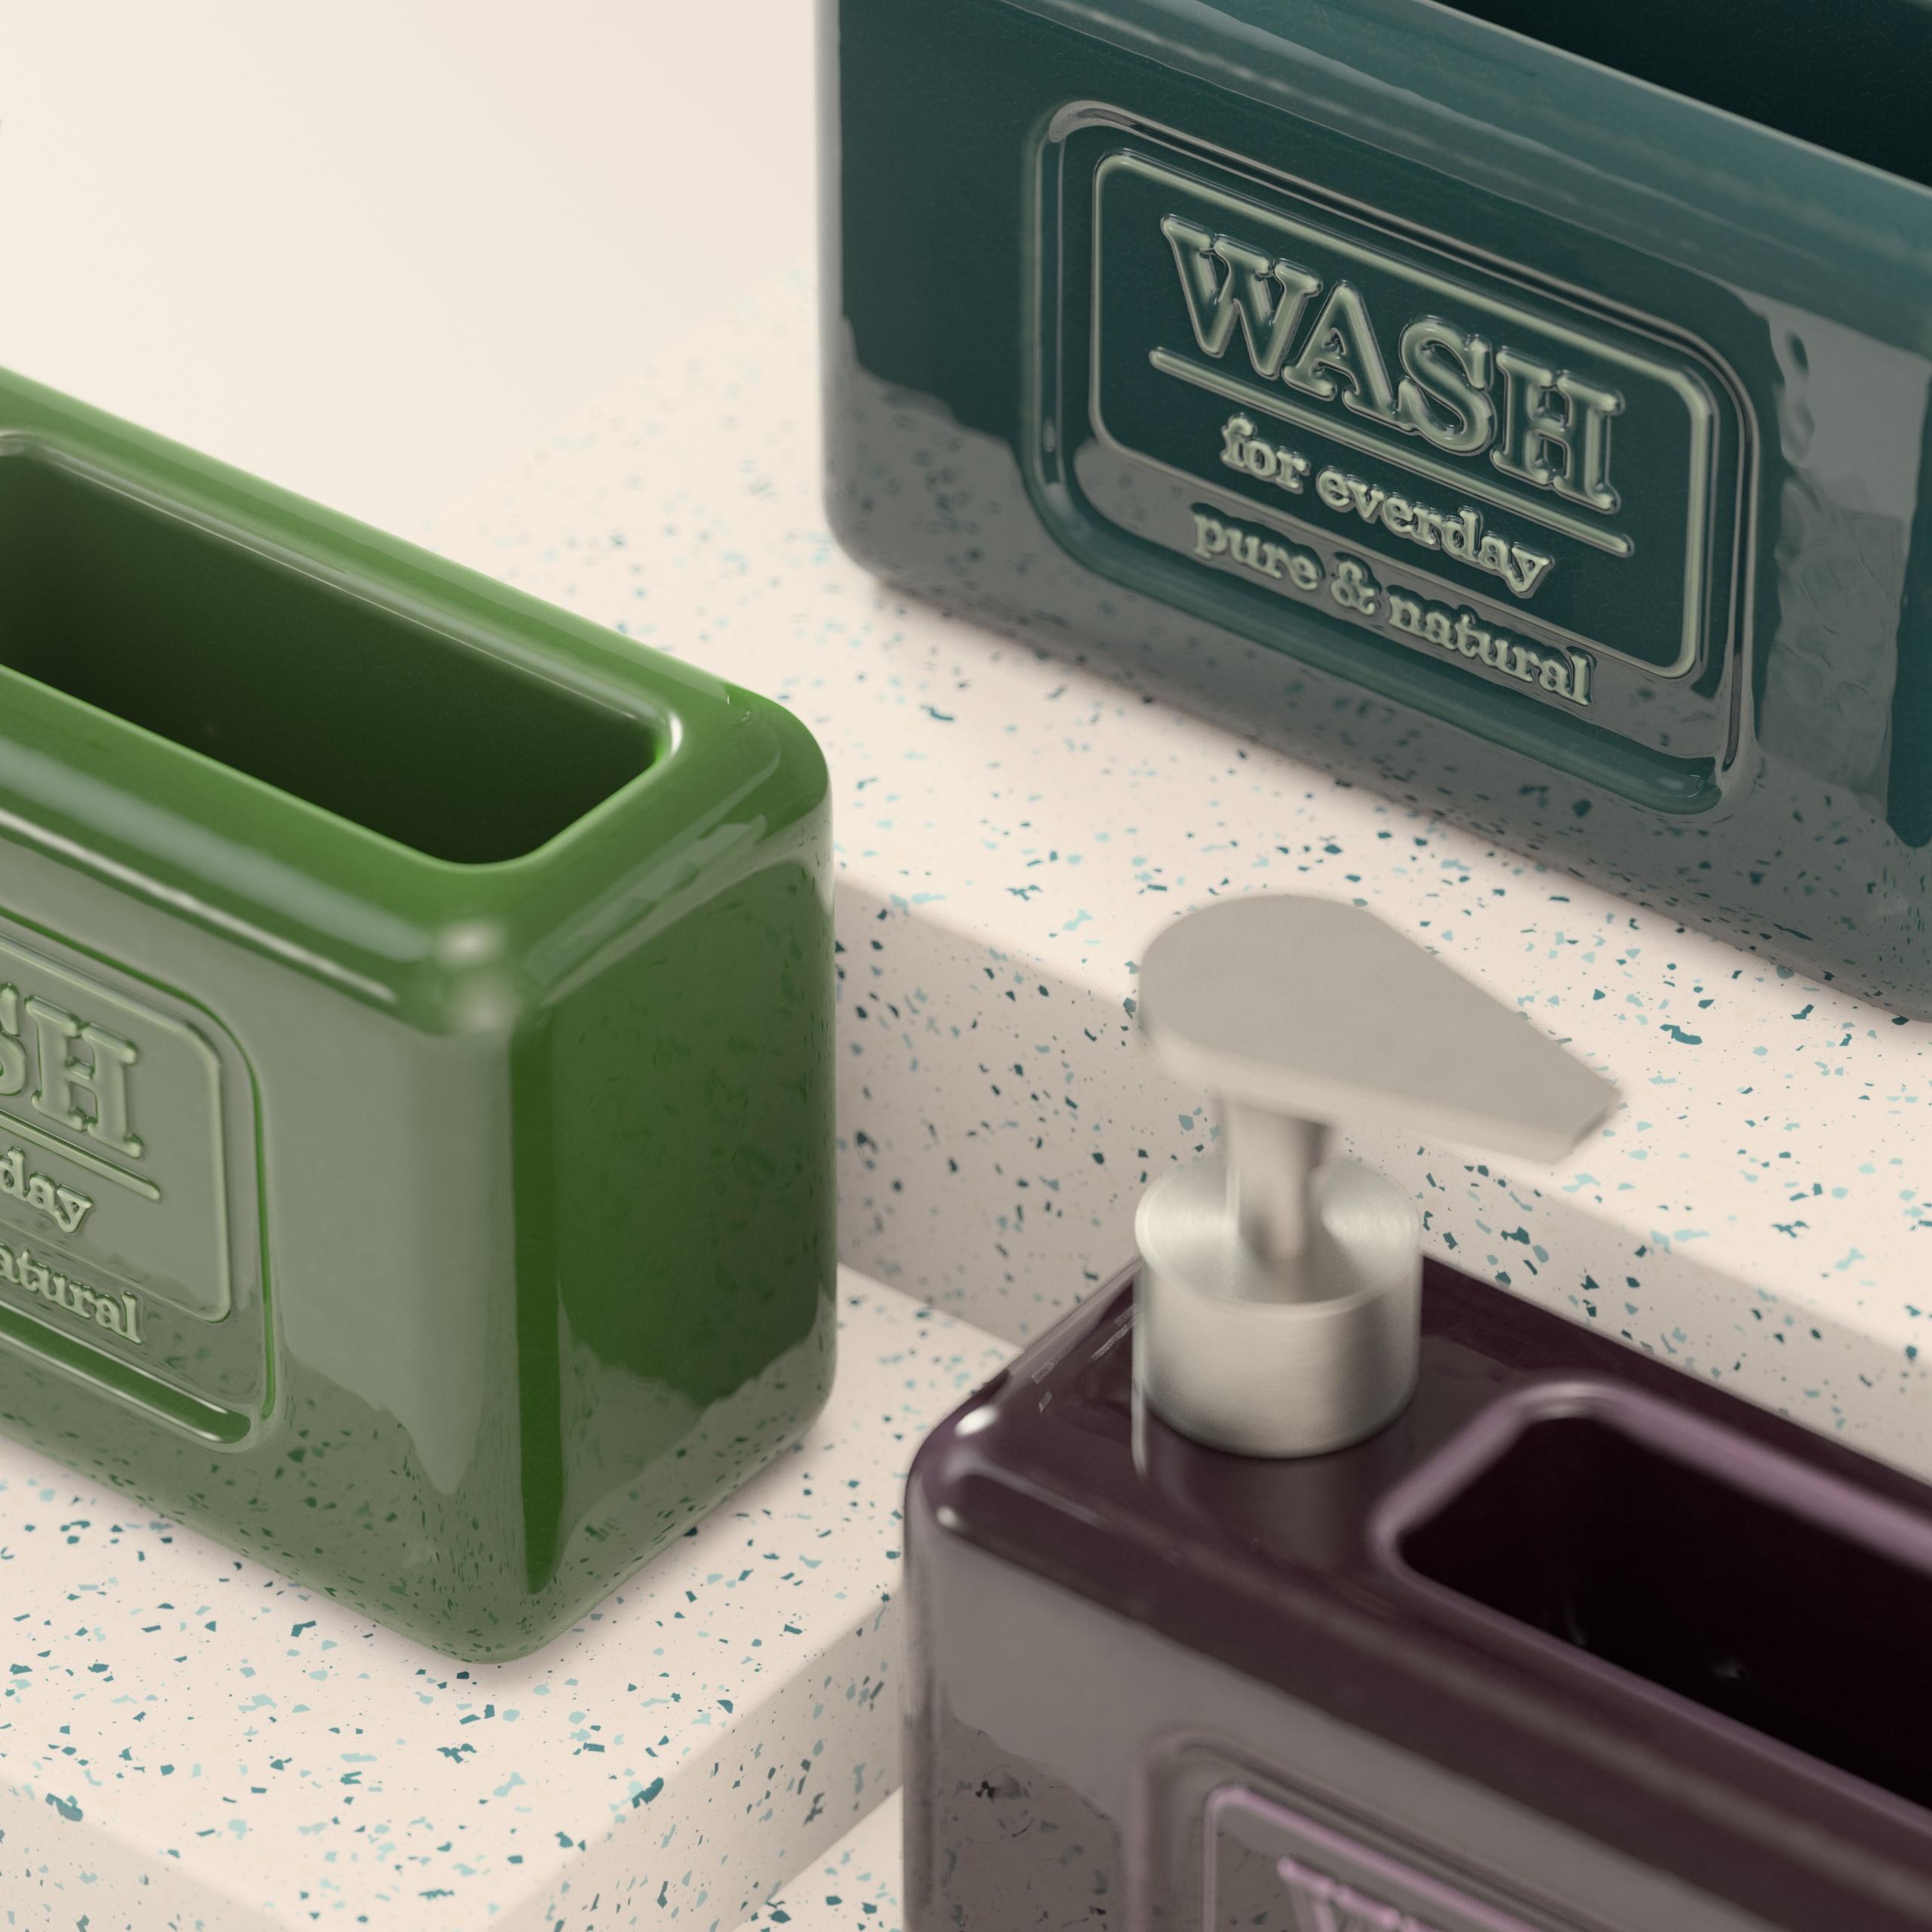 Zara Soap Dispenser_Groups_2021-01-19_7_